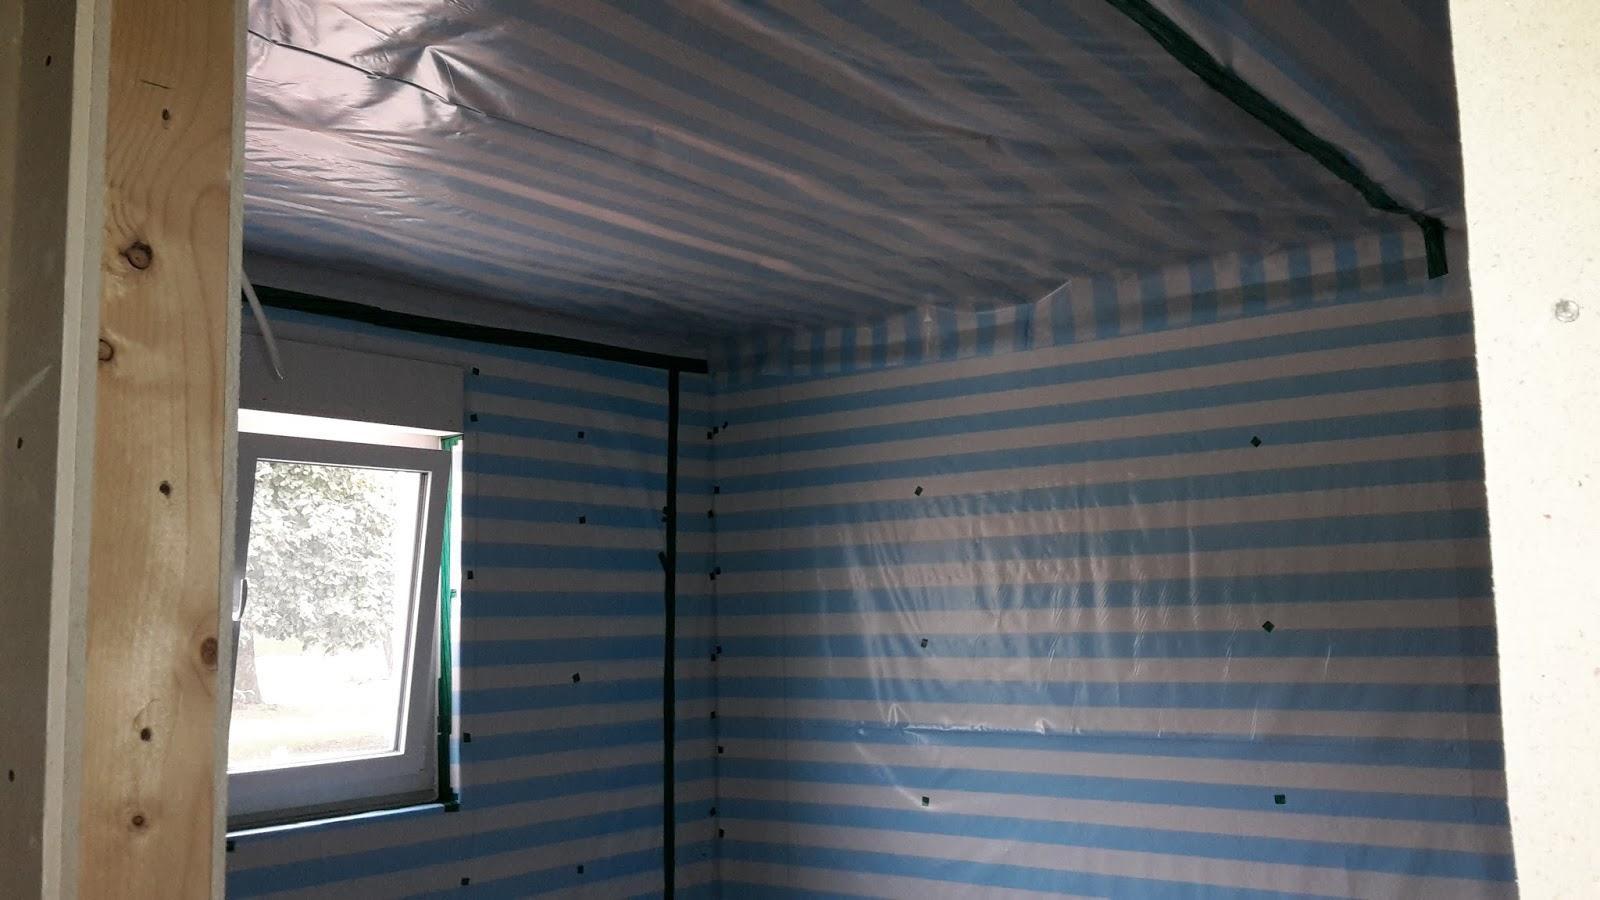 abenteuer - ausbauhaus : endlich wieder eine baustelle zu: dampfbremse